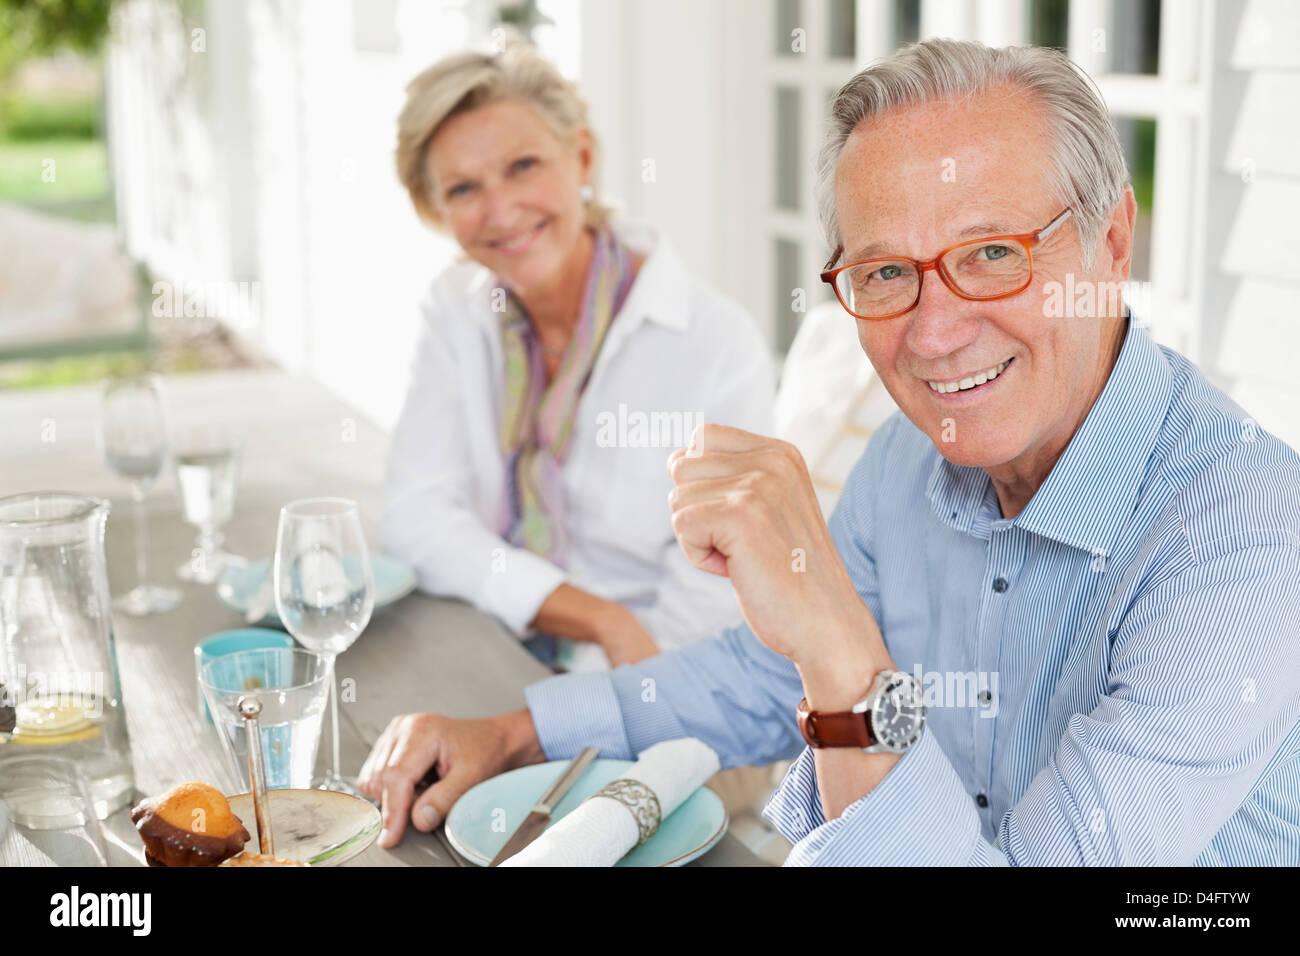 Paar lächelnd am Tisch zusammen Stockbild